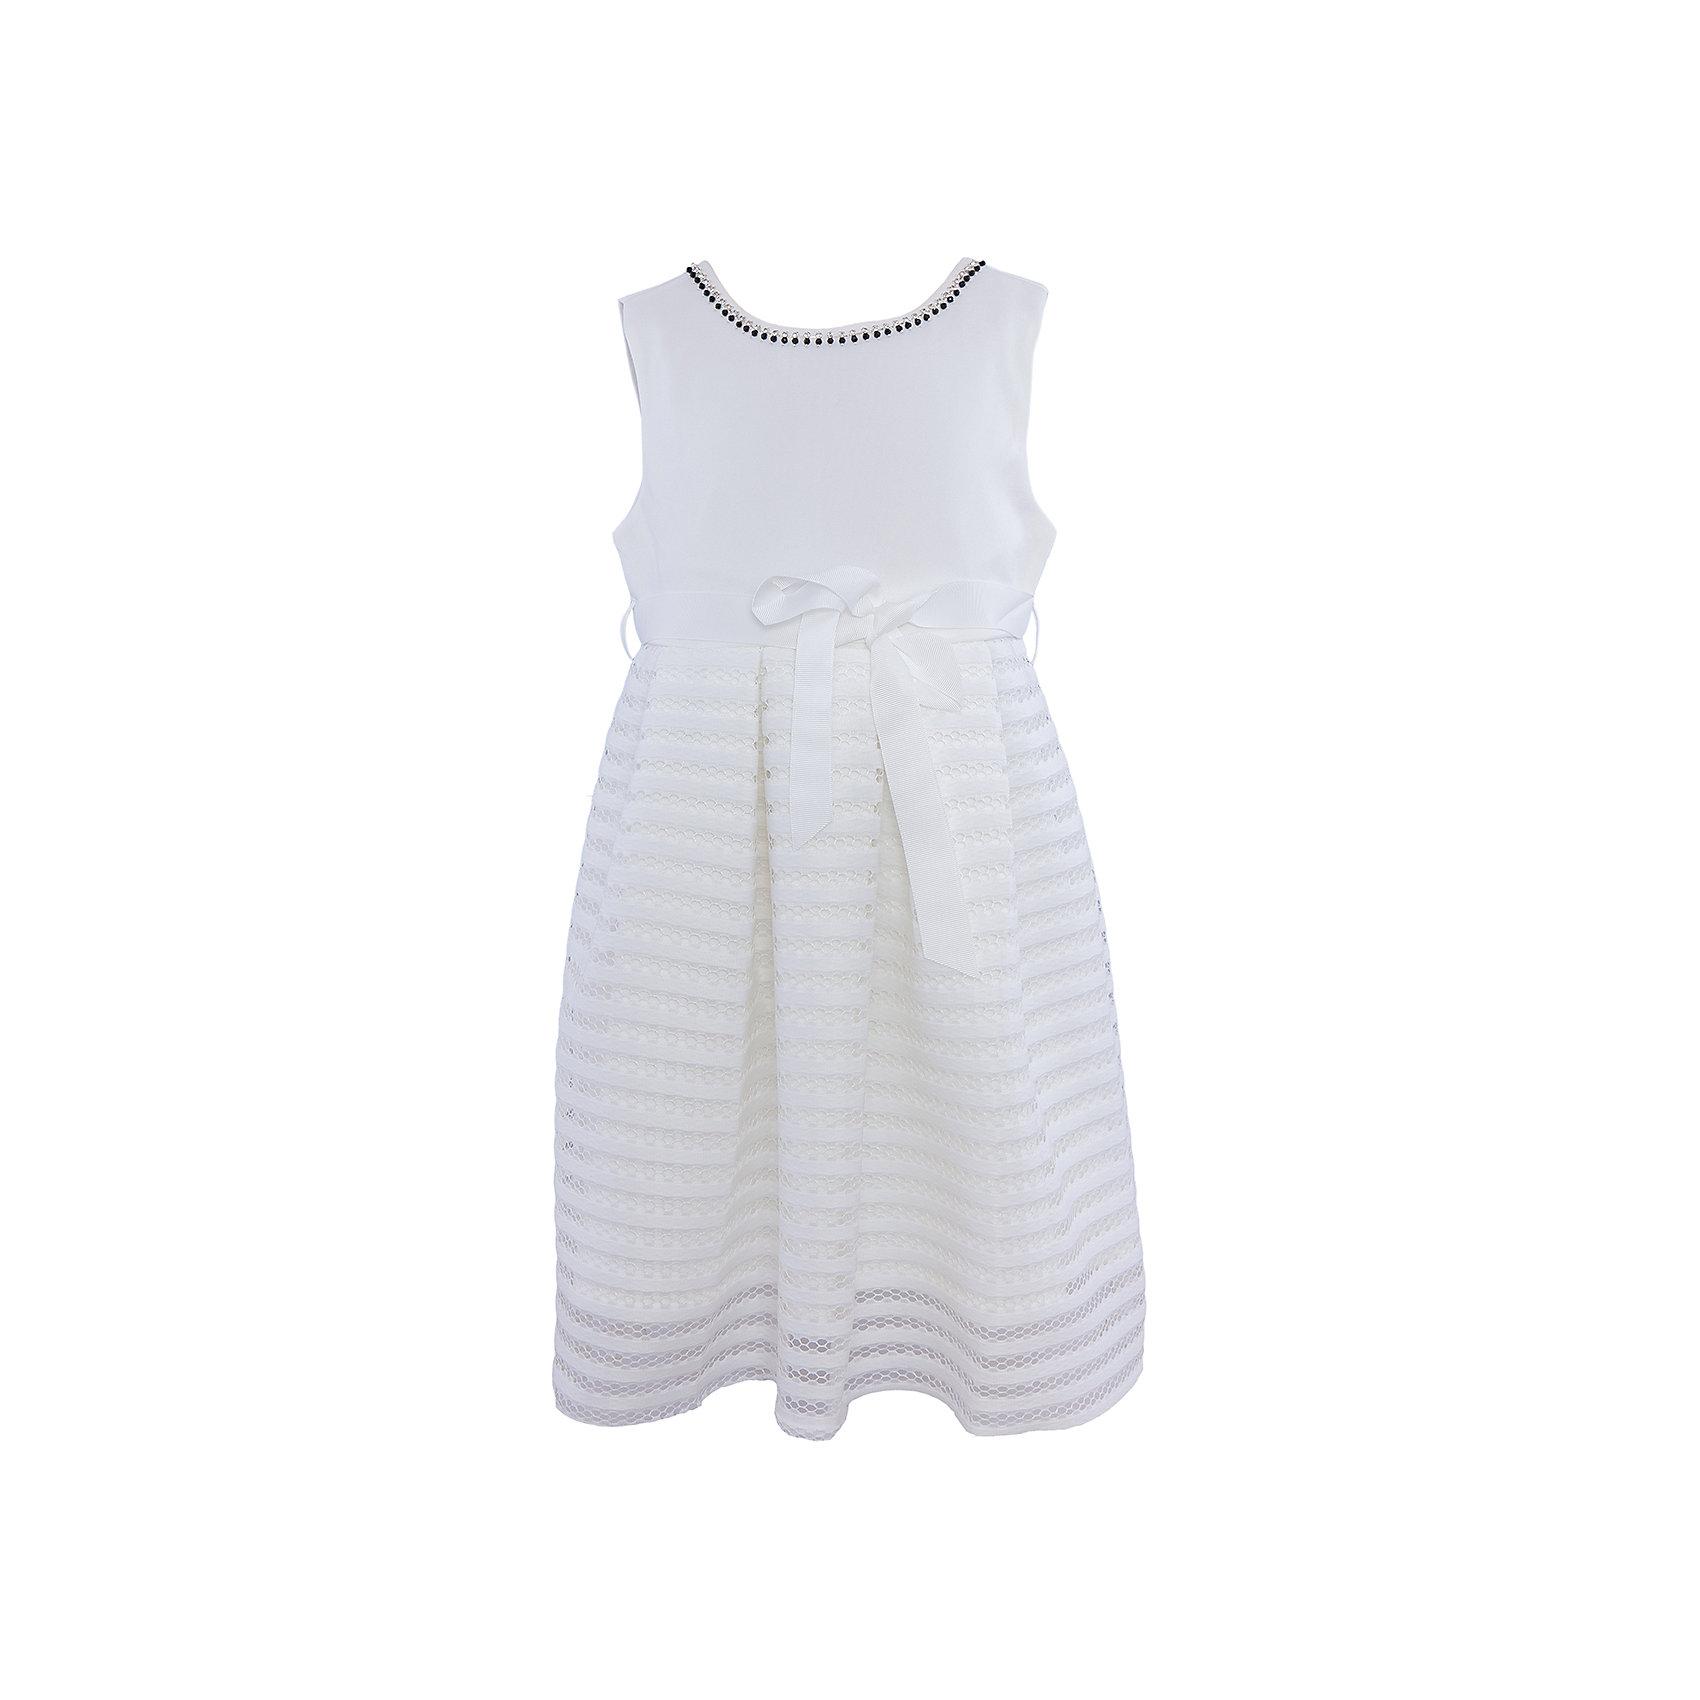 Нарядное платье для девочки Sweet BerryХарактеристики:<br><br>• Вид одежды: платье<br>• Предназначение: для праздника, торжеств<br>• Сезон: круглый год<br>• Материал: верх – 95% полиэстер, 5% эластан; подкладка – 100% хлопок<br>• Цвет: белый<br>• Силуэт: классический А-силуэт<br>• Длина платья: миди<br>• Вырез горловины: круглый, оформлен декоративной тесьмой-ожерельем<br>• Наличие репсового пояса<br>• Застежка: молния на спинке<br>• Особенности ухода: ручная стирка без применения отбеливающих средств, глажение при низкой температуре <br><br>Sweet Berry – это производитель, который сочетает в своей одежде функциональность, качество, стиль и следование современным мировым тенденциям в детской текстильной индустрии. <br>Стильное платье для девочки от знаменитого производителя детской одежды Sweet Berry выполнено из полиэстера с хлопковой подкладкой. Изделие имеет классический силуэт с отрезной талией и юбку с 3-d эффектом. Полочка выполнена из легкого трикотажа, вырез горловины оформлен декоративной тесьмой-ожерельем серебристого цвета. В комплекте имеется неширокий репсовый пояс. Праздничное платье от Sweet Berry – это залог успеха вашего ребенка на любом торжестве!<br><br>Платье для девочки Sweet Berry можно купить в нашем интернет-магазине.<br><br>Ширина мм: 236<br>Глубина мм: 16<br>Высота мм: 184<br>Вес г: 177<br>Цвет: белый<br>Возраст от месяцев: 36<br>Возраст до месяцев: 48<br>Пол: Женский<br>Возраст: Детский<br>Размер: 104,98,110,116,122,128<br>SKU: 5052189